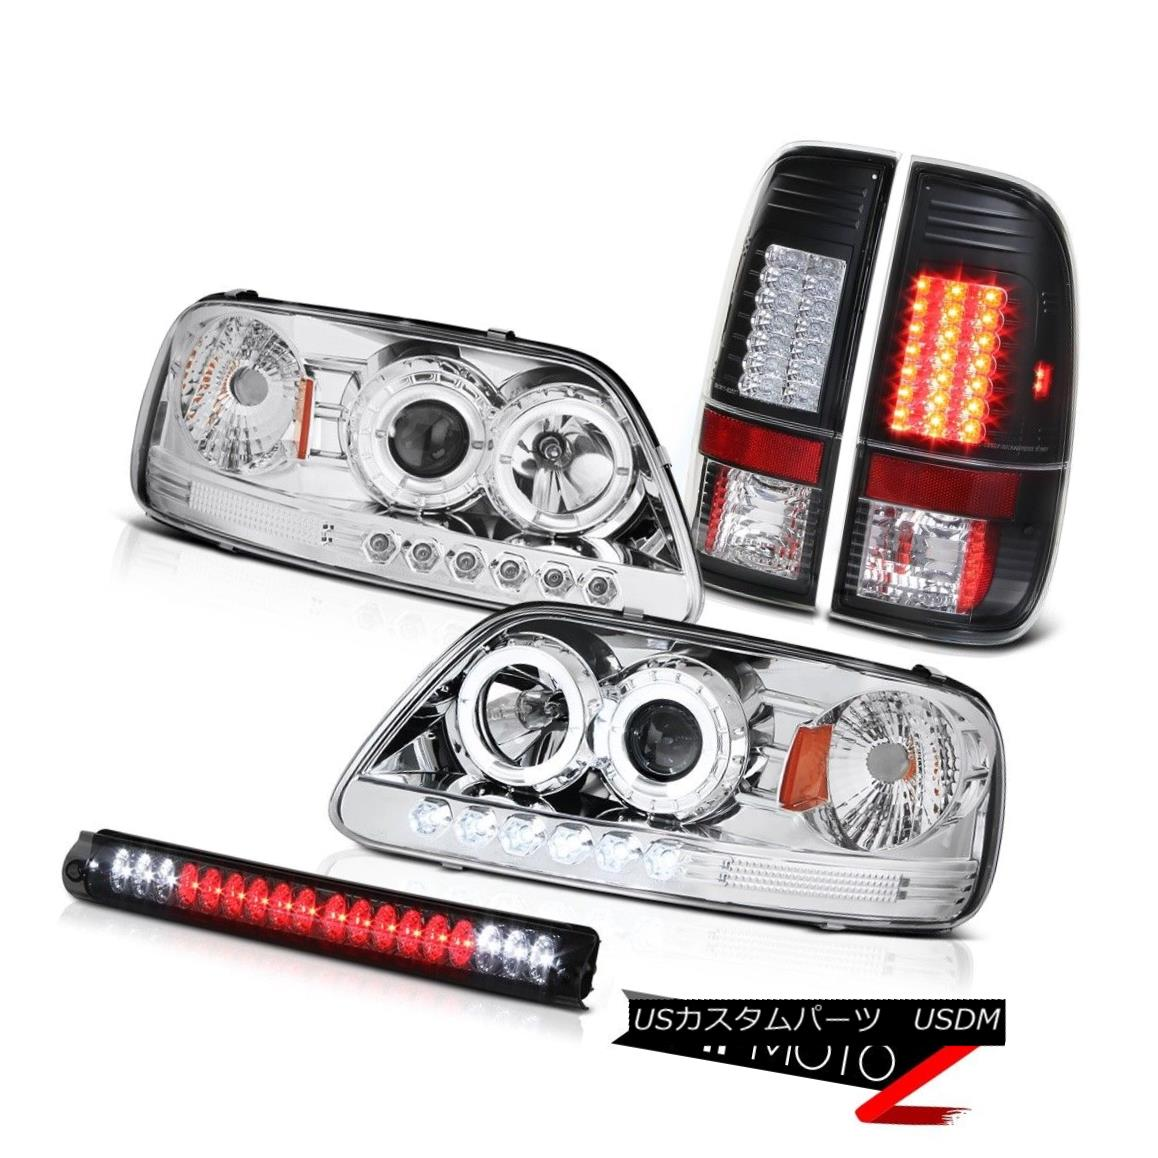 ヘッドライト 1997-2003 FORD F150 Euro Halo LED Projector Headlight Black Tail Roof Lamp Smoke 1997-2003フォードF150ユーロHalo LEDプロジェクターヘッドライトブラックテールルーフランプスモーク